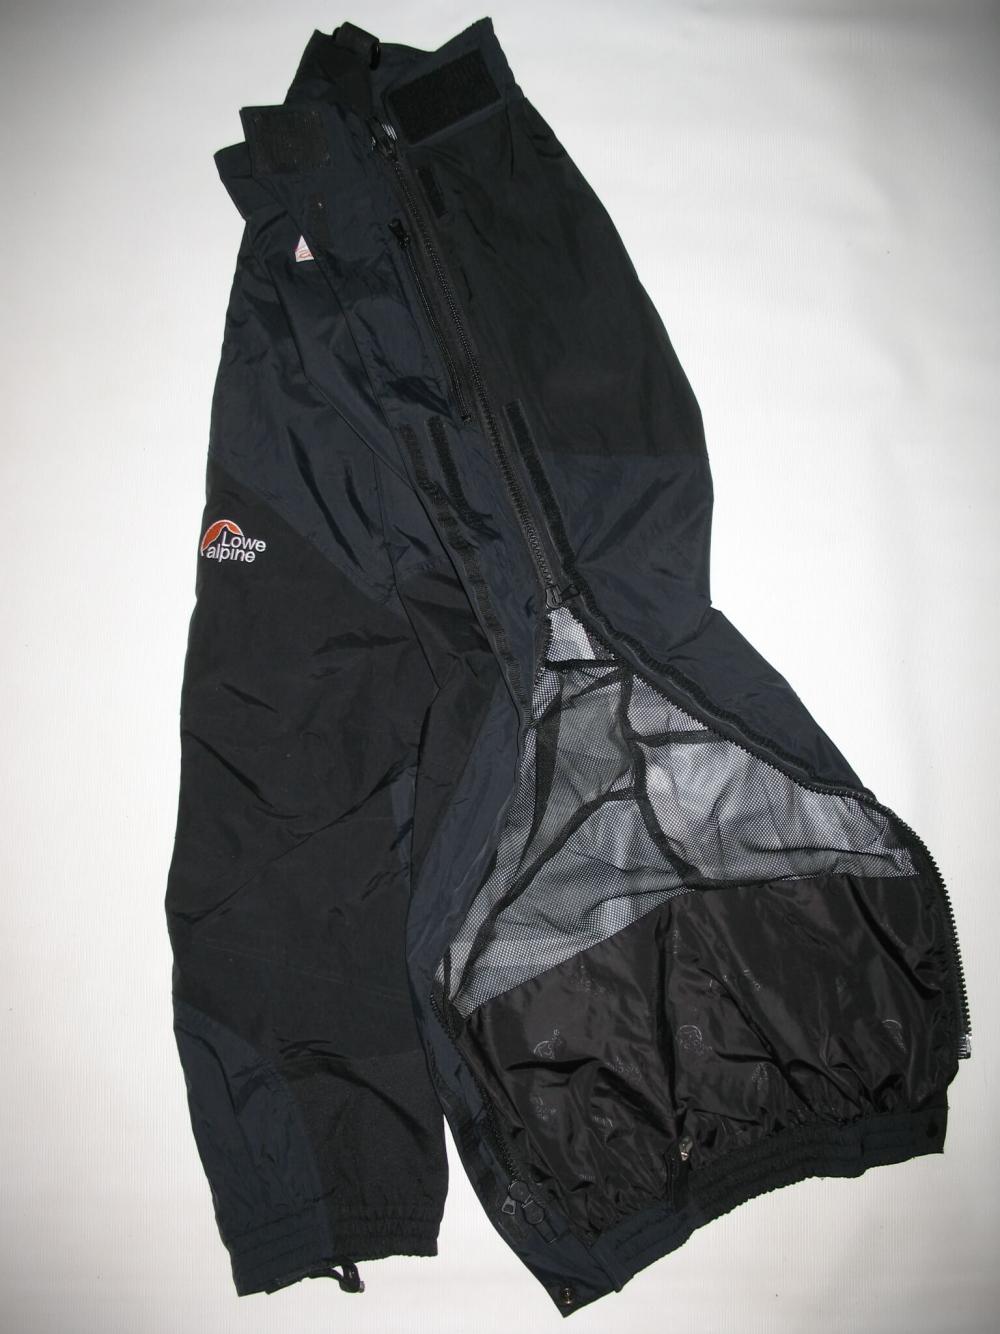 Штаны LOWE ALPINE pants lady/unisex (размер S) - 7